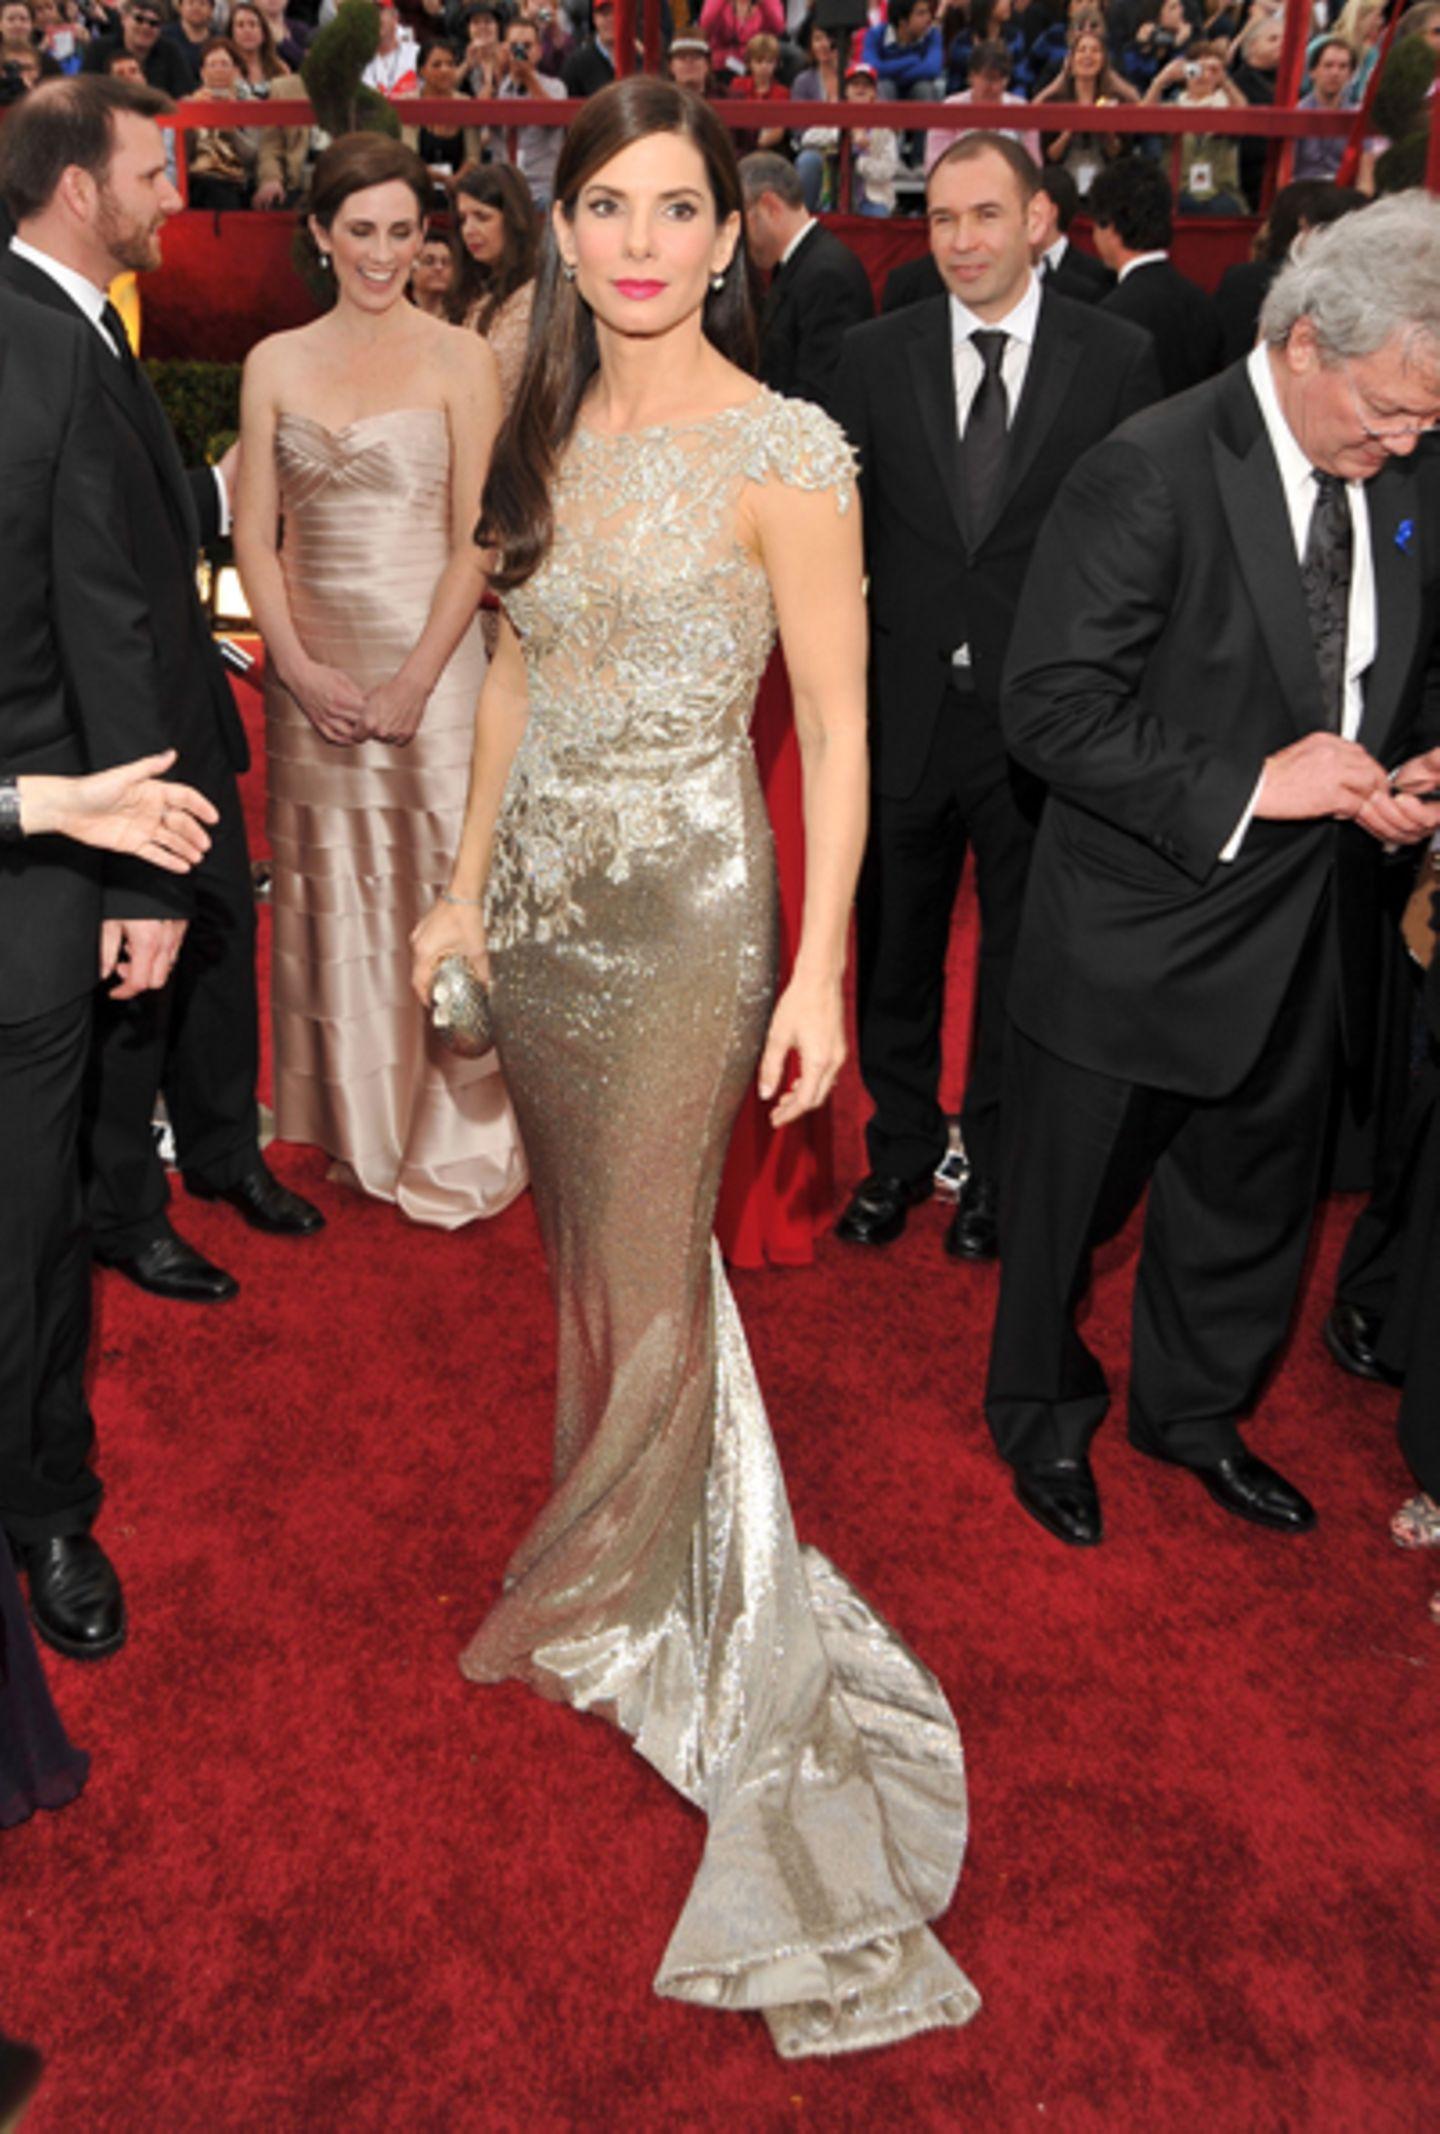 """Sandra Bullock Es war ihre erste Oscar-Nominierung, und es blieb nicht nur bei der Nominierung: Sandra Bullock gewann in der Kategorie """"Beste Hauptdarstellerin"""" für """"Blind Side - Die große Chance"""". Ihre Garderobe konnte sich auch sehen lassen. Der Star strahlte mit seiner figurbetonten Glitzer-Spitzenrobe um die Wette. Einen schönen Farbakzent setzte ihr himbeerroter Kussmund. Das Make-up hätte allerdings ein wenig frischer sein können, Sandra wirkte ziemlich blass um die Nase."""